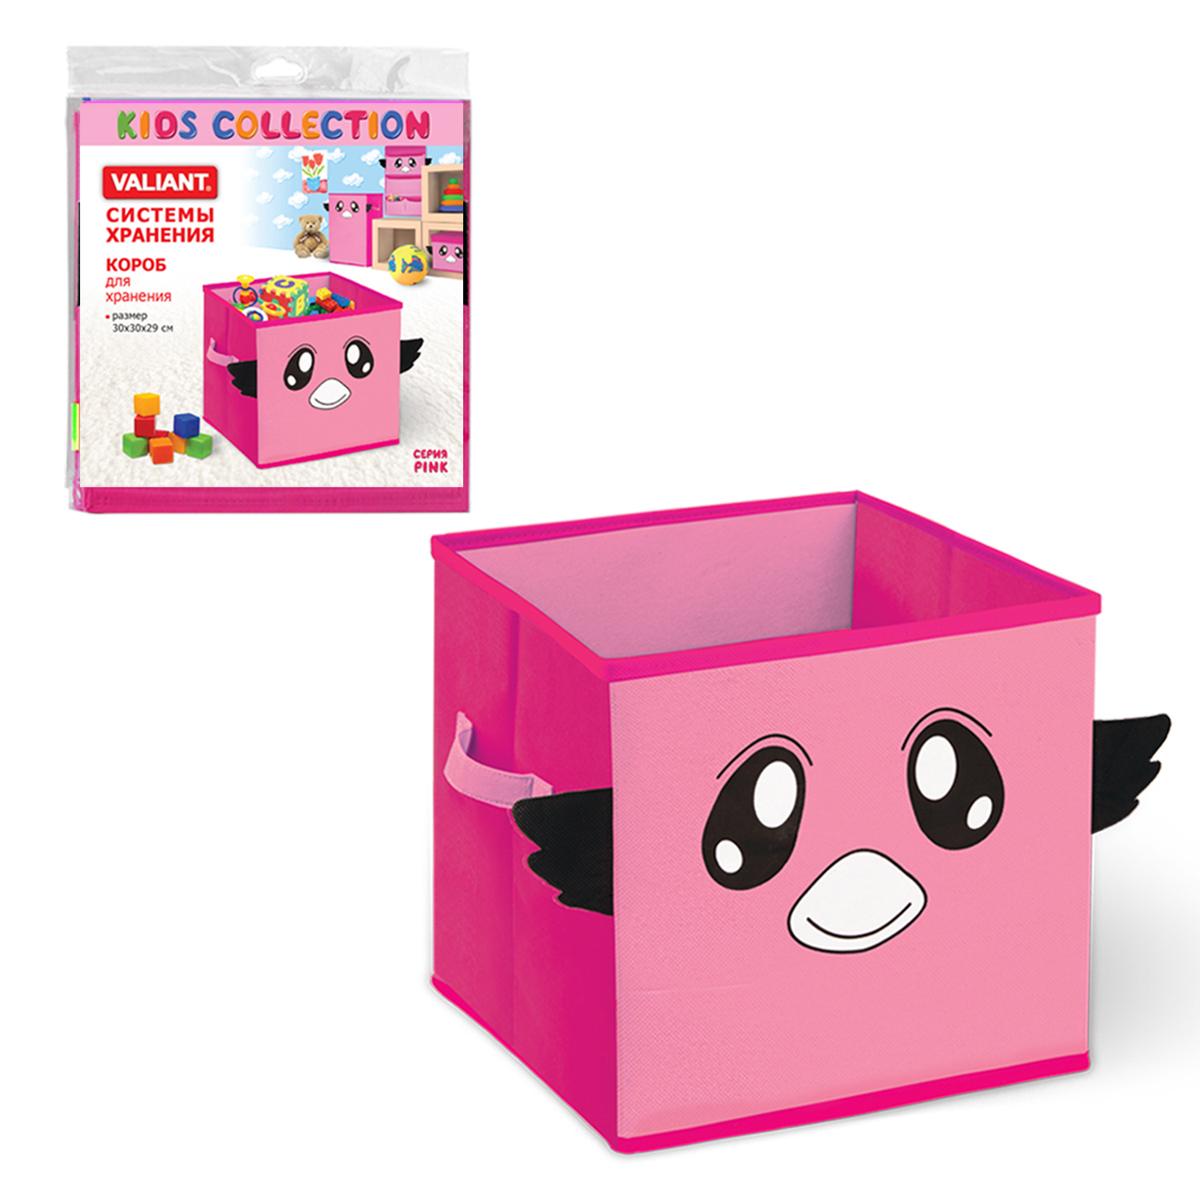 VAL PNK-05 Короб для хранения, 30*30*29 см, цвет: розовыйPNK-05VAL PNK-05 Короб для хранения, 30*30*29 см Серия: Kids Collections